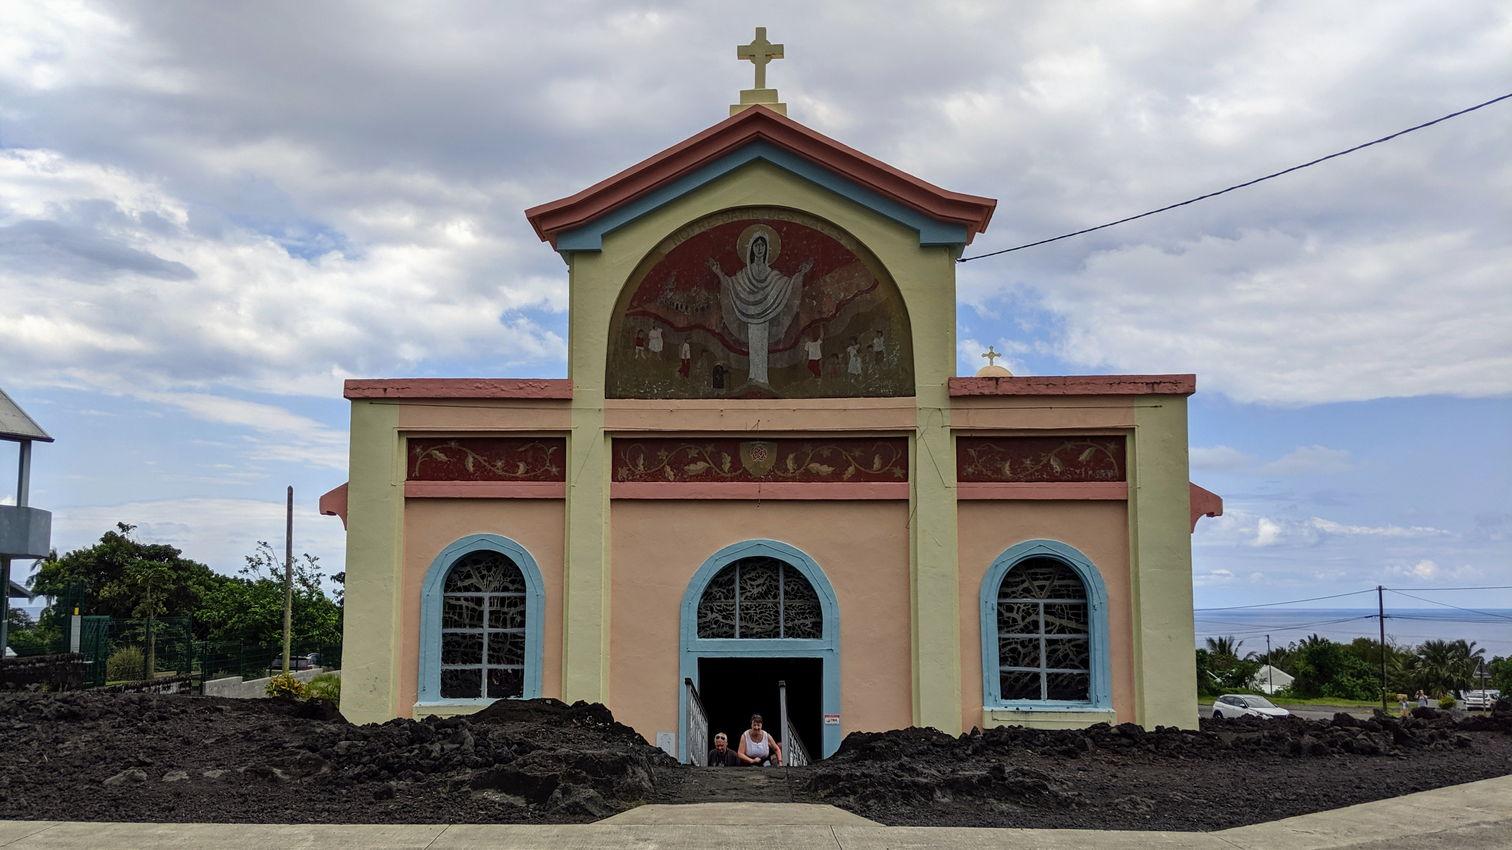 Church of Notre Dame des Laves